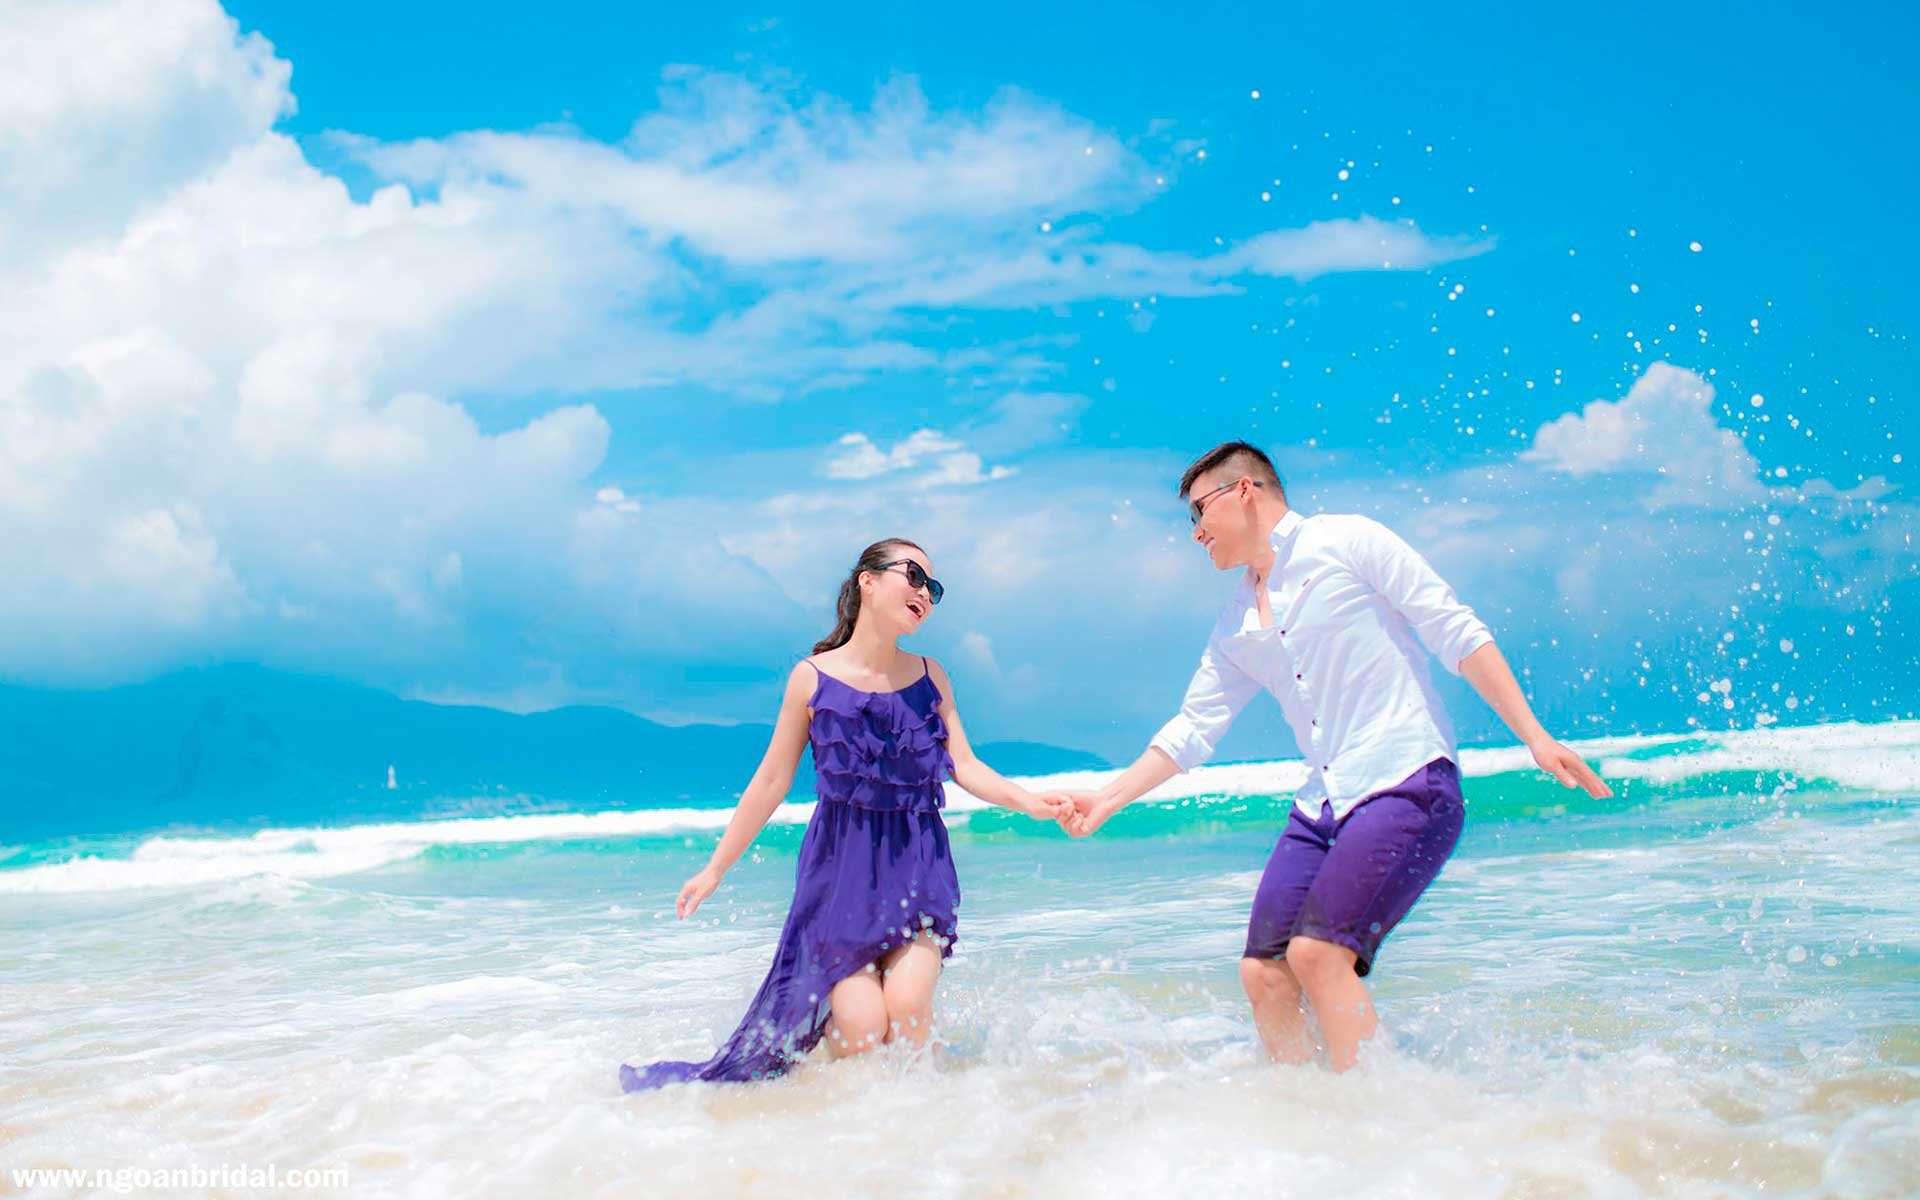 Sweet Vietnam Honeymoon - 11 Days